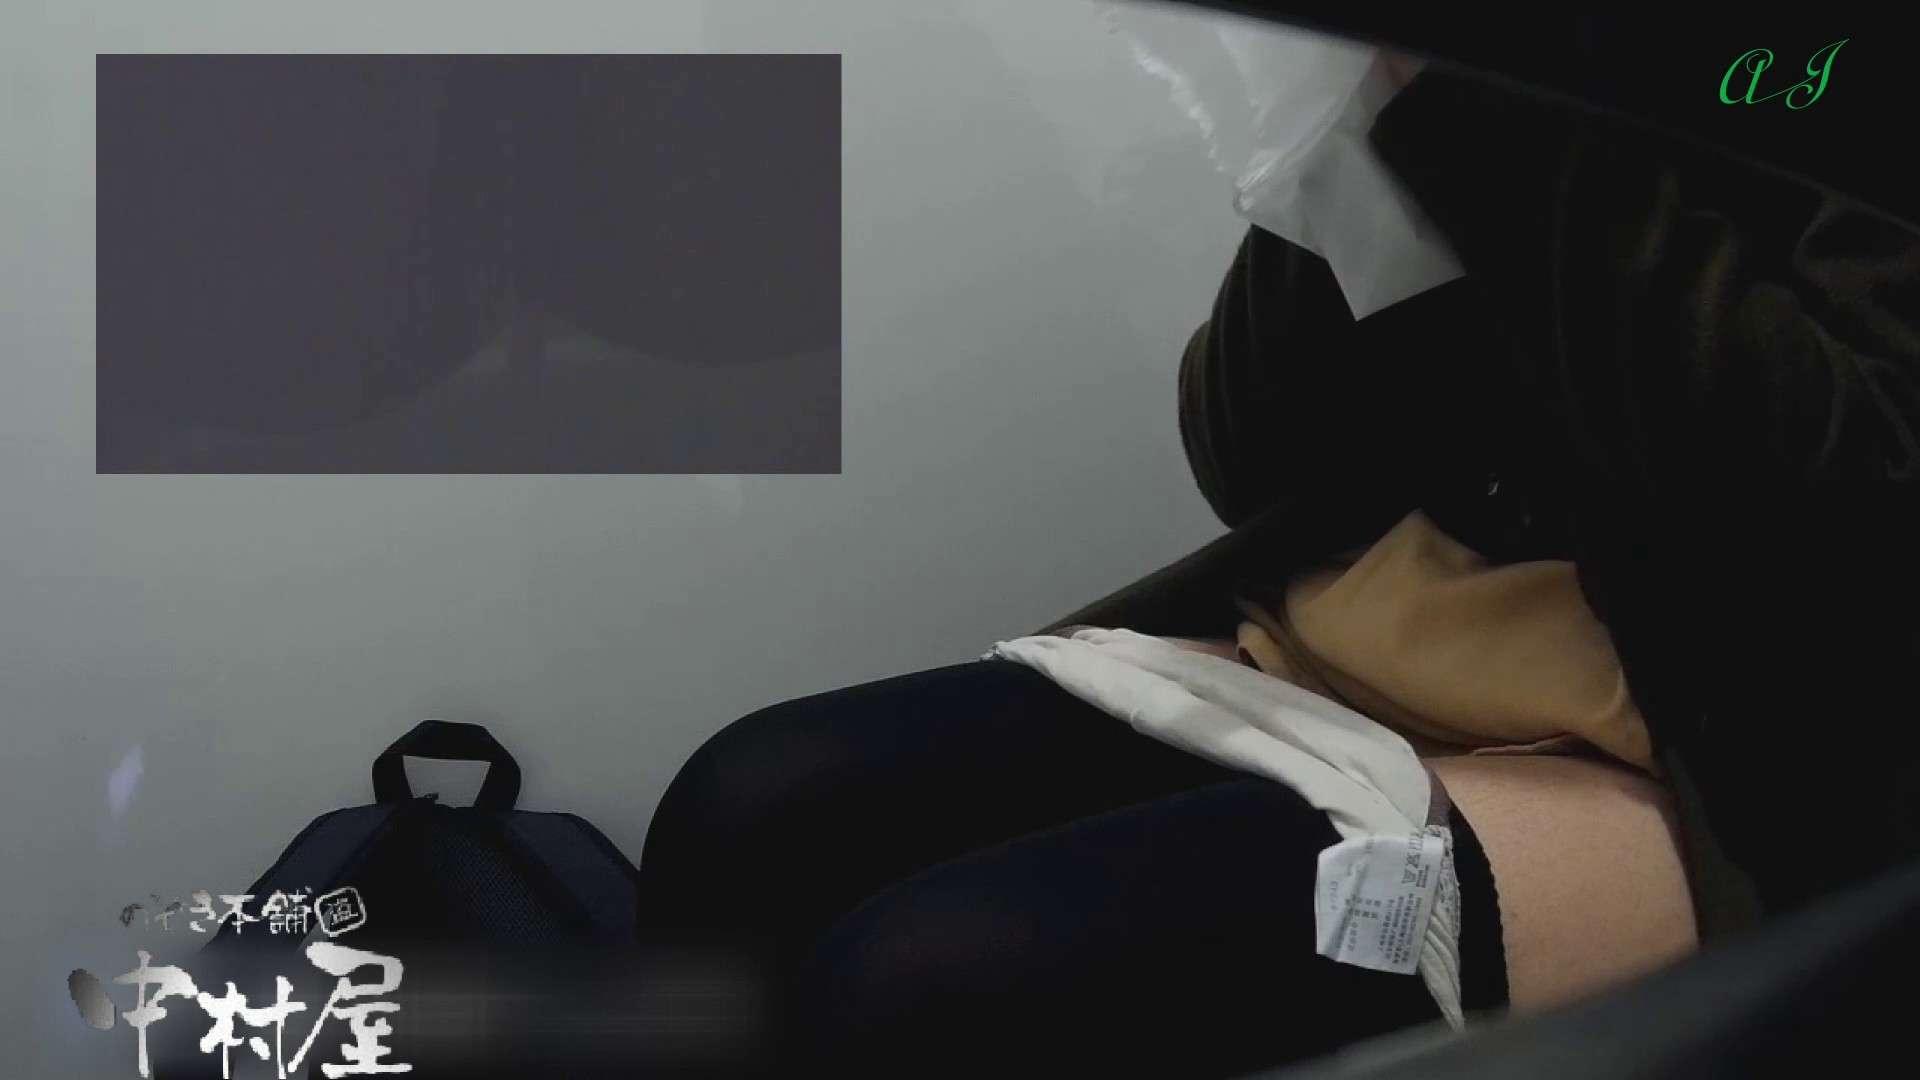 新アングル 4名の美女達 有名大学女性洗面所 vol.76後編 洗面所編 オマンコ無修正動画無料 98PIX 58